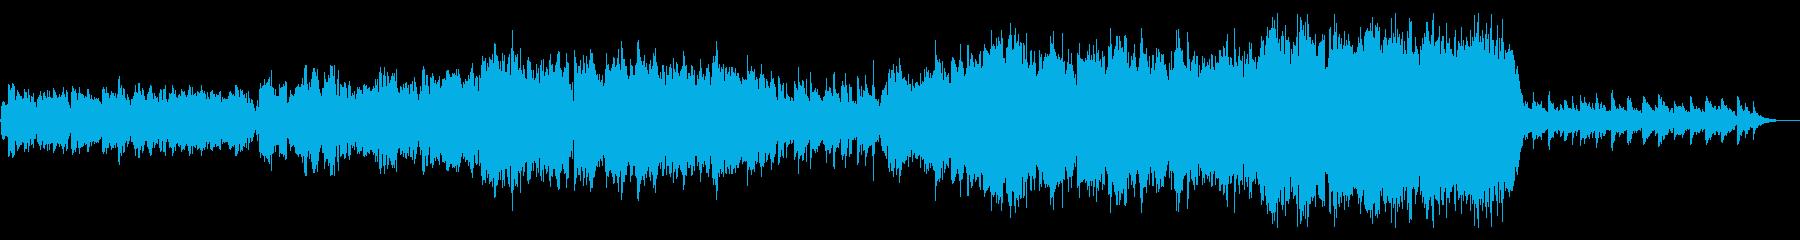 「和風」篠笛とオーケストラの感動バラードの再生済みの波形